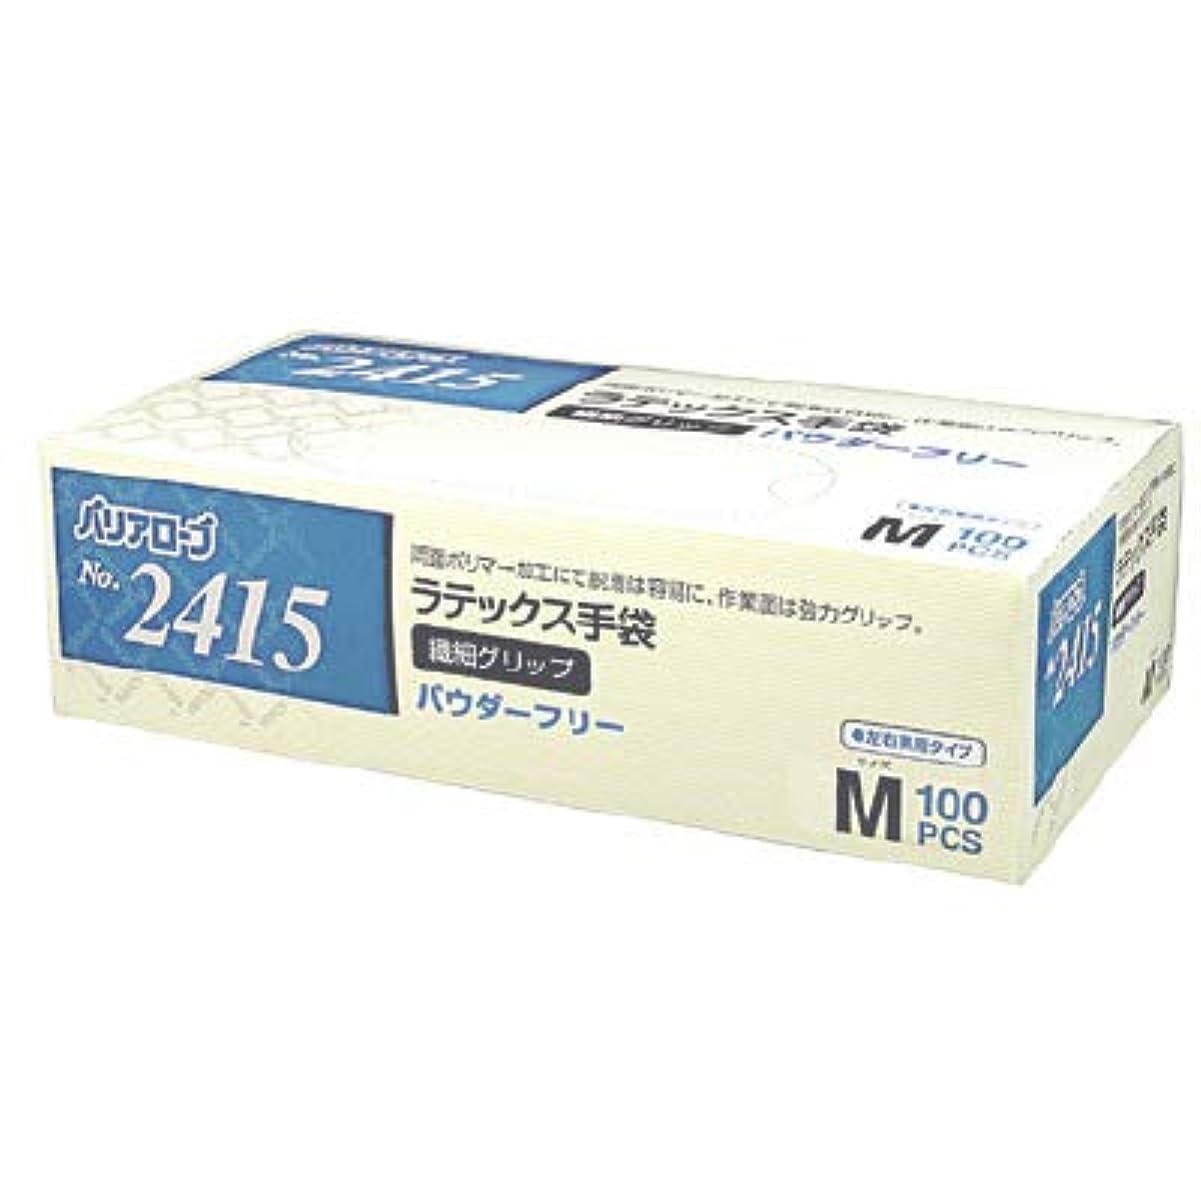 分離するリンク割り当て【ケース販売】 バリアローブ №2415 ラテックス手袋 繊細グリップ (パウダーフリー) M 2000枚(100枚×20箱)